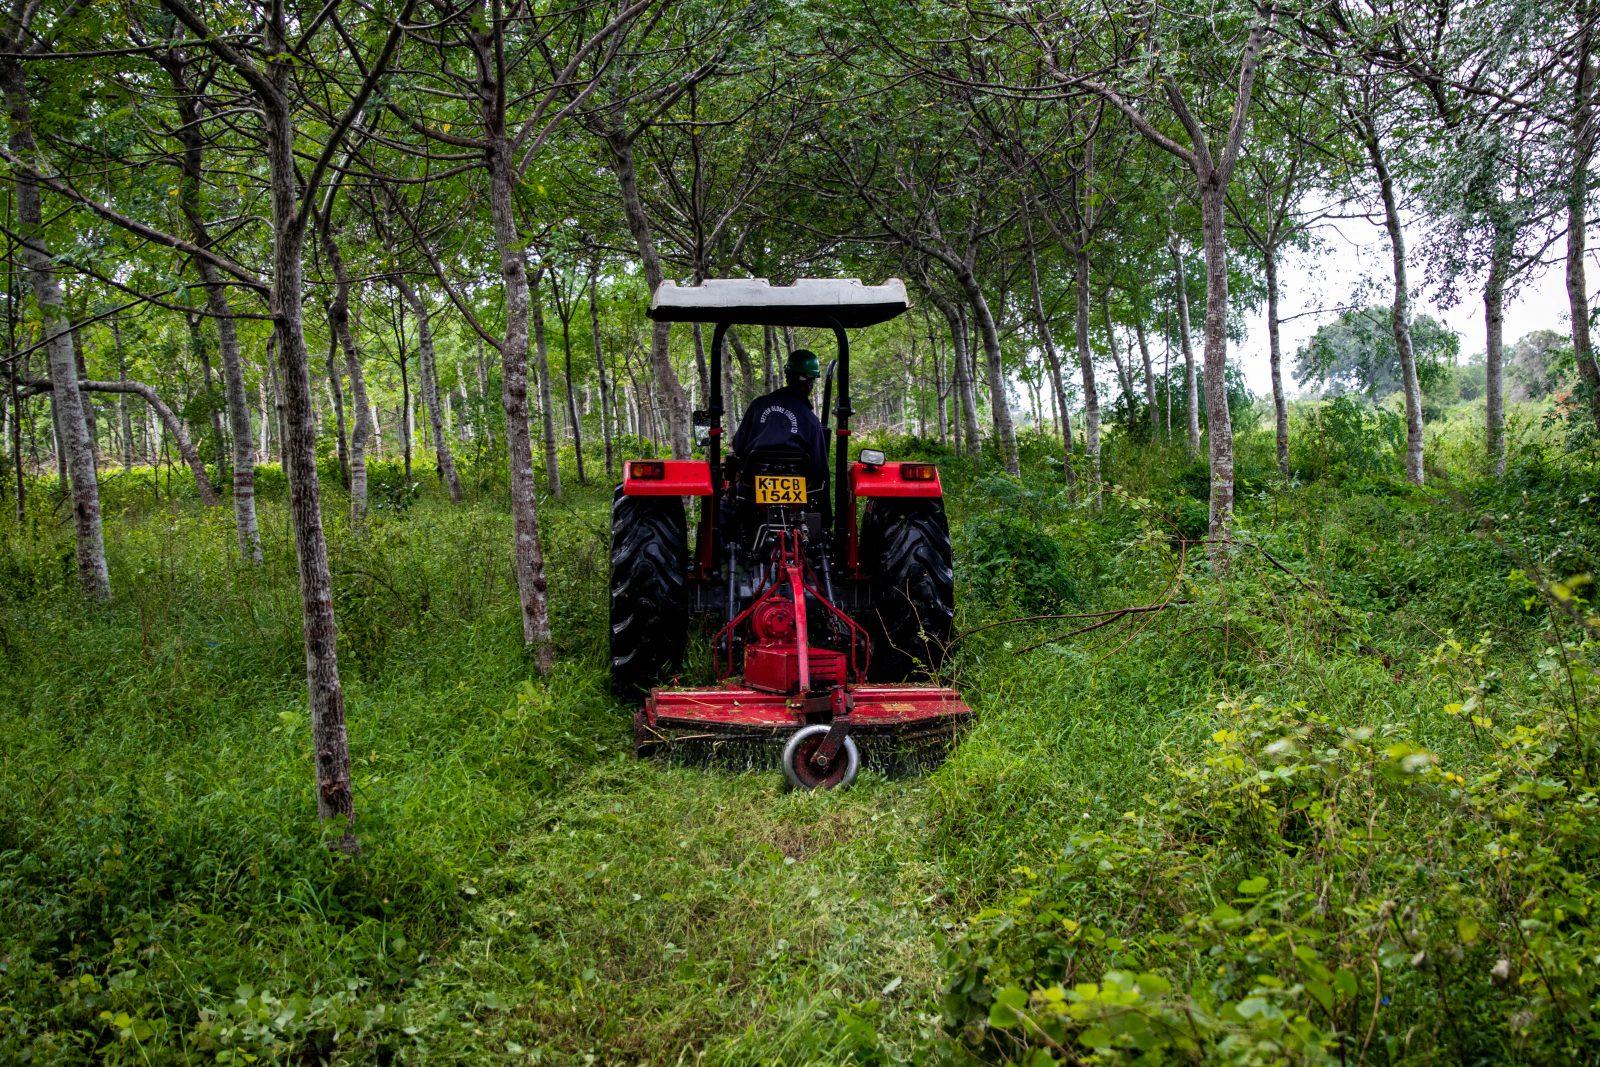 Mekaniserad gräsklippning mellan träden i Nyongoro. Man klipper gräset för att träden ska växa bättre.